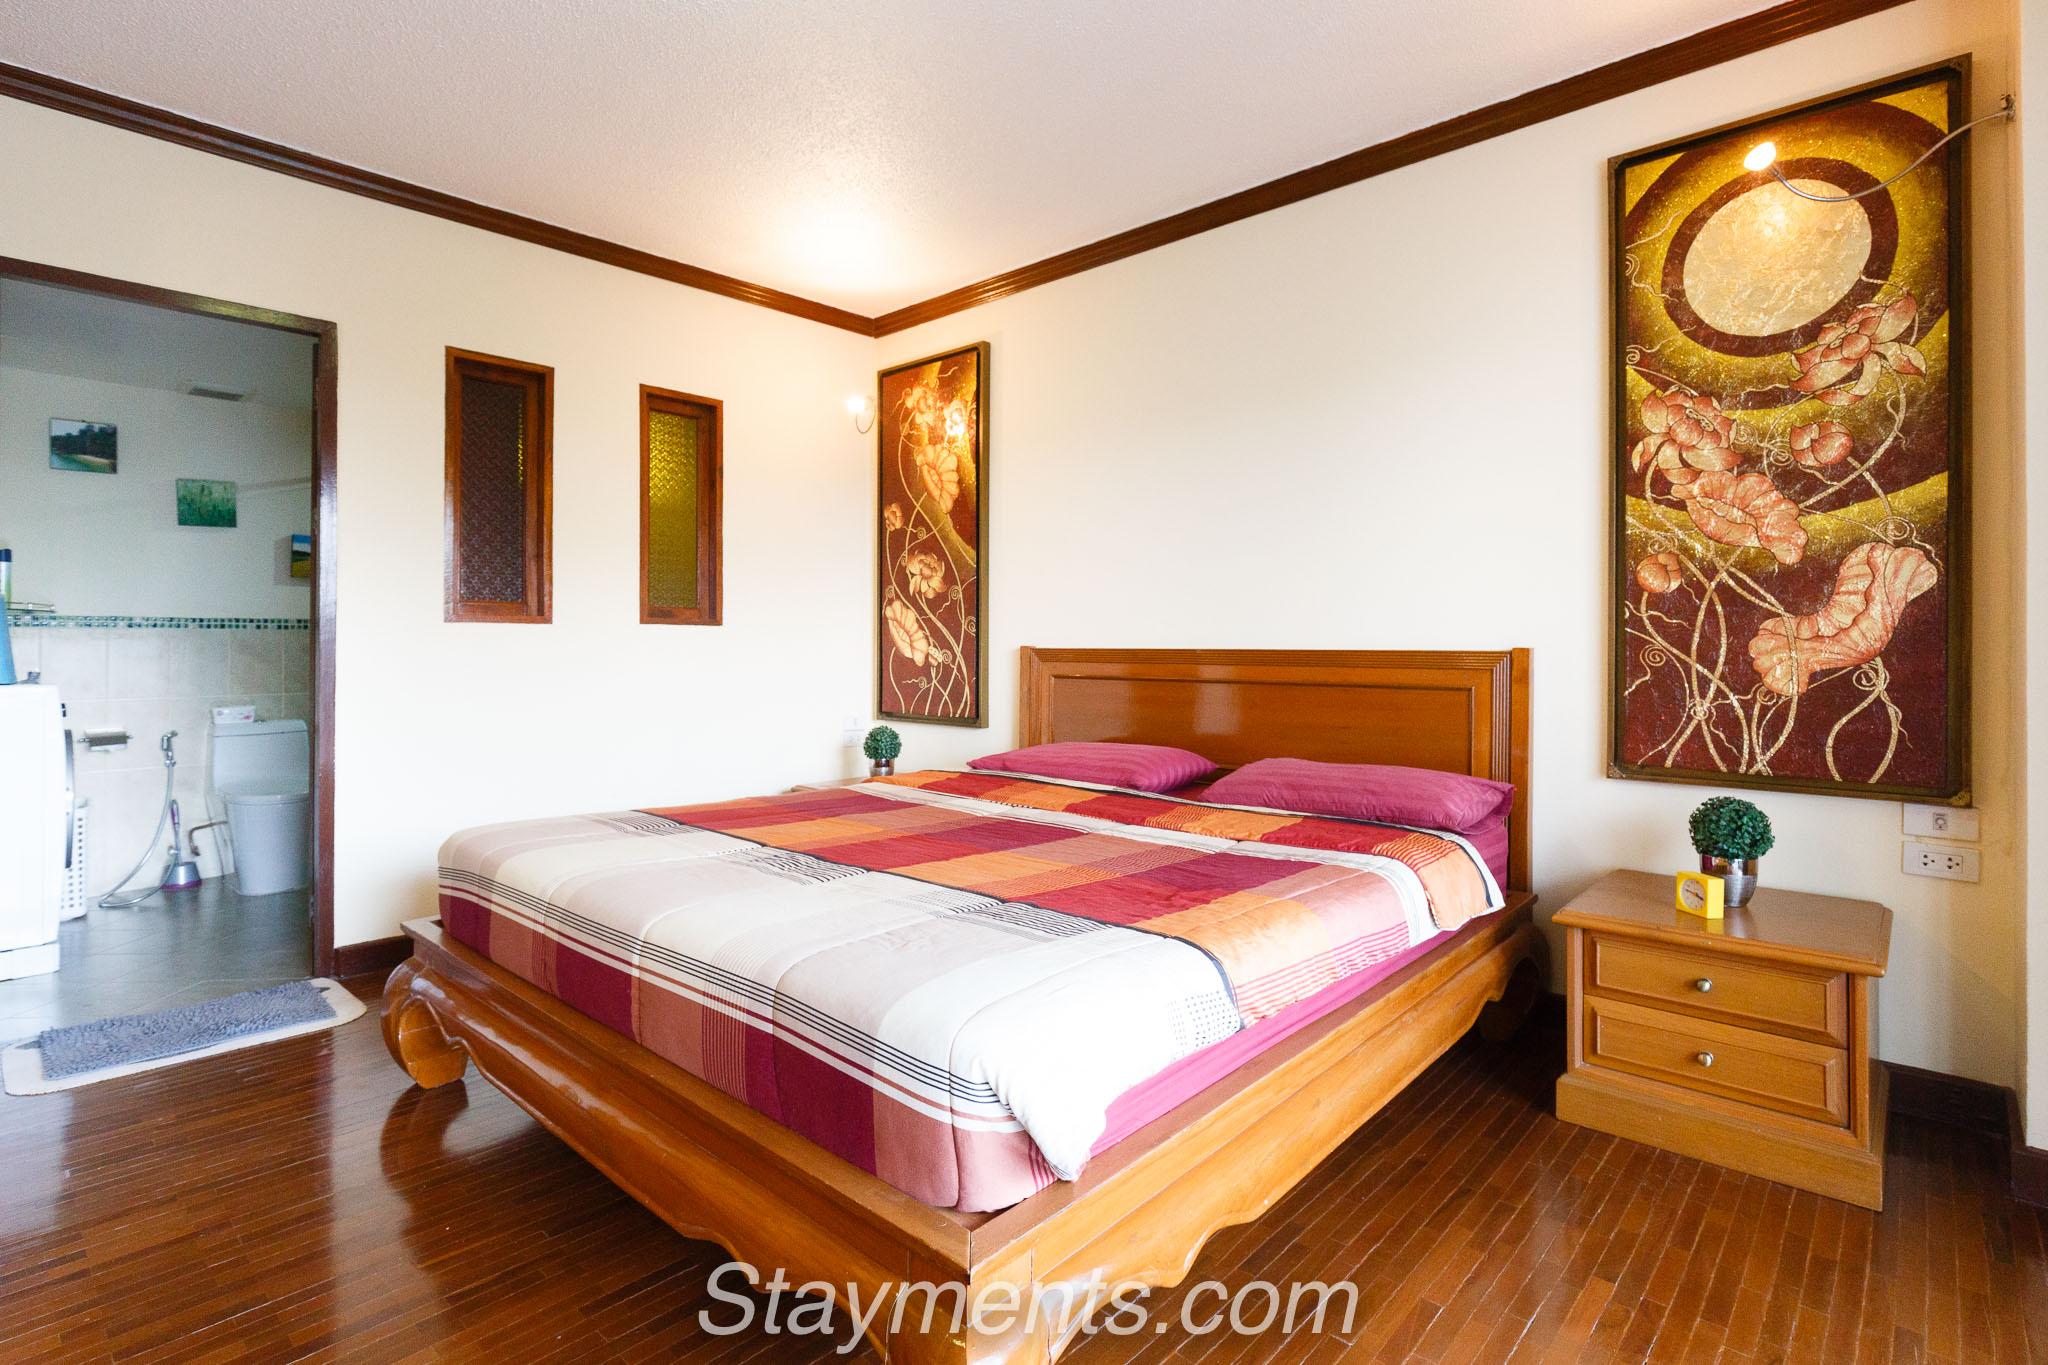 One Bedroom Condo At Hillside 4